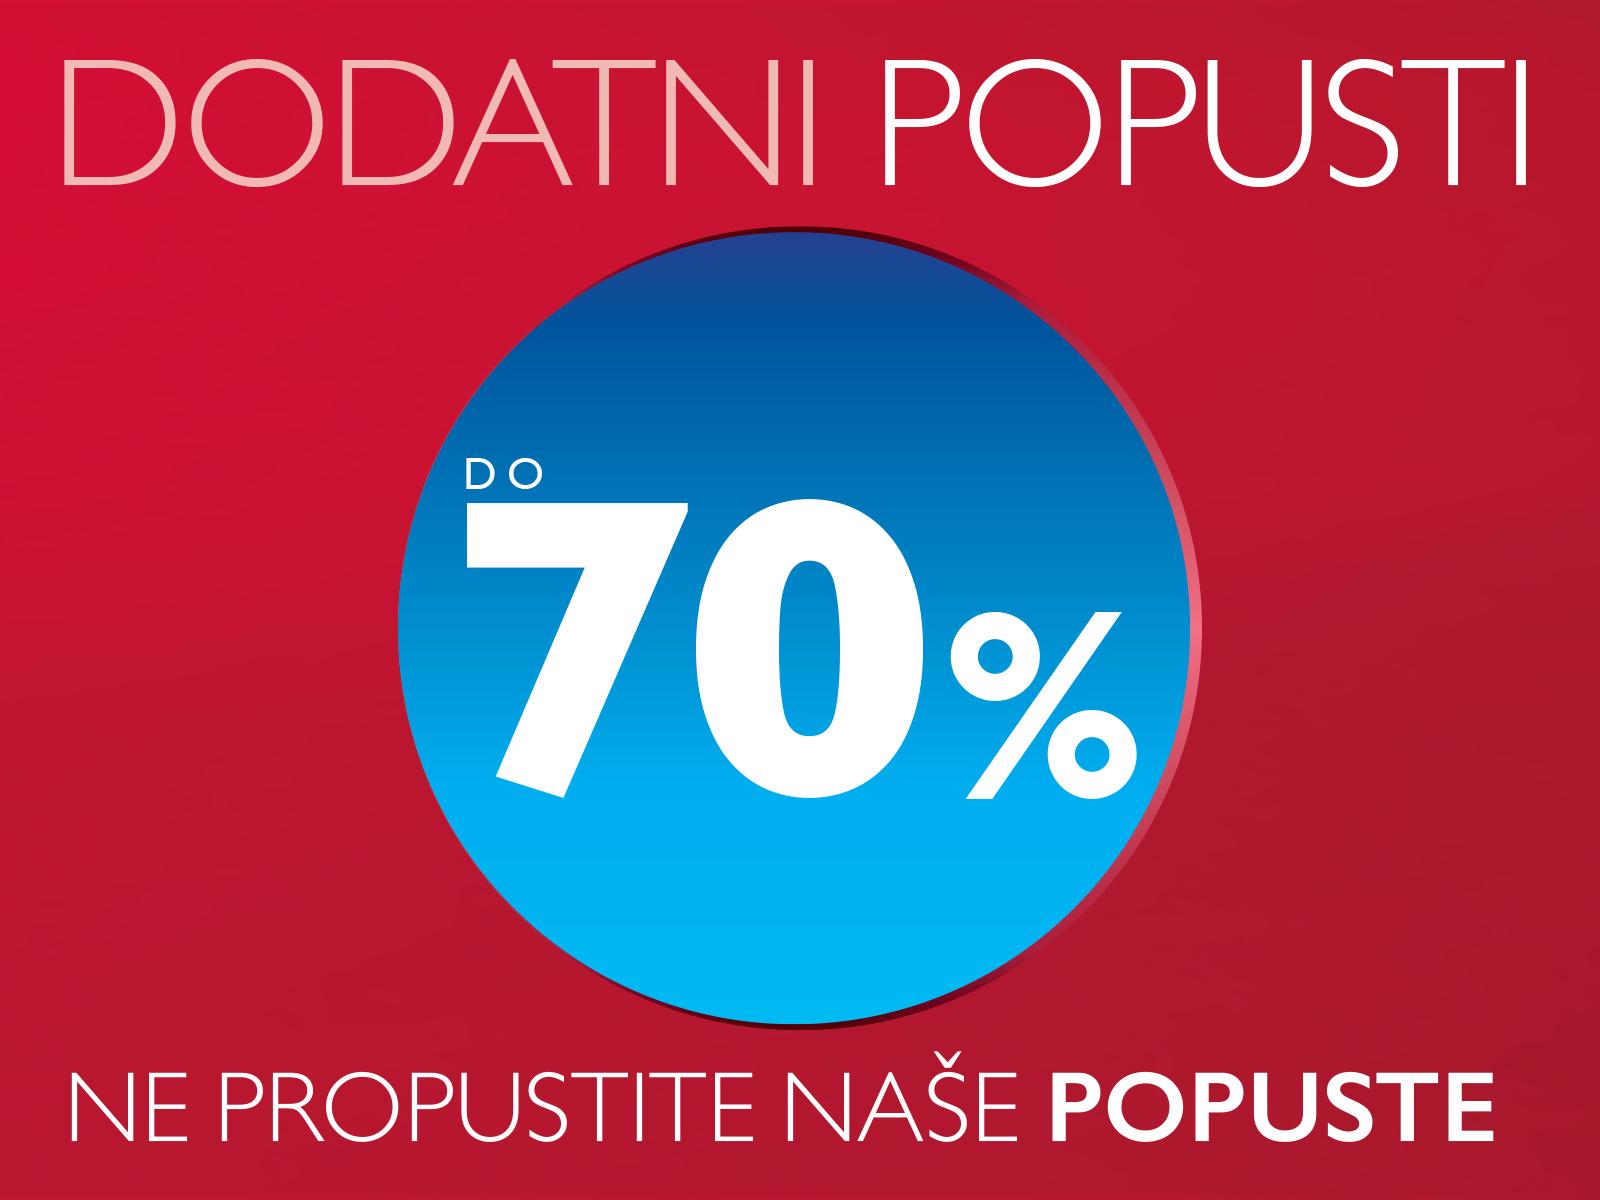 PittaRosso_70%_1600x1200px